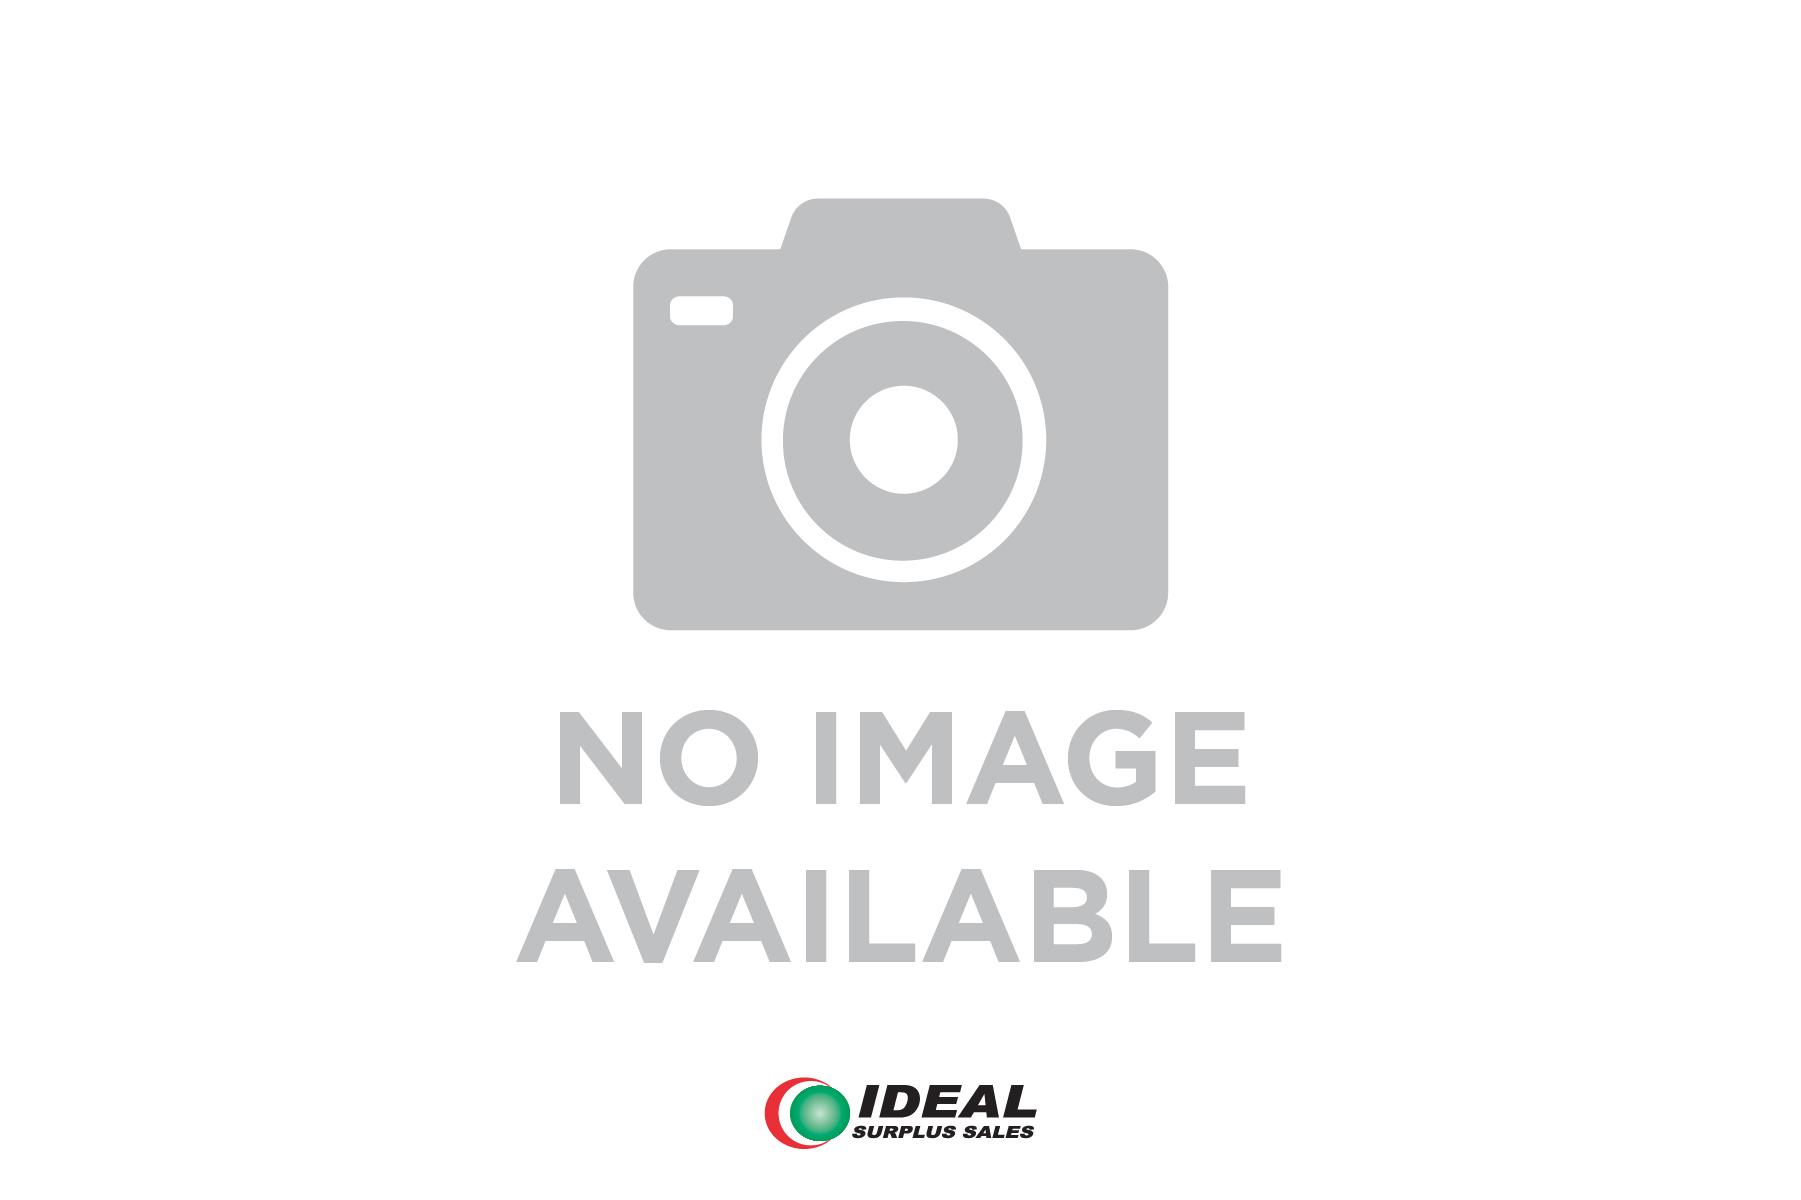 TALLYGENICOM 81020133 New in Box